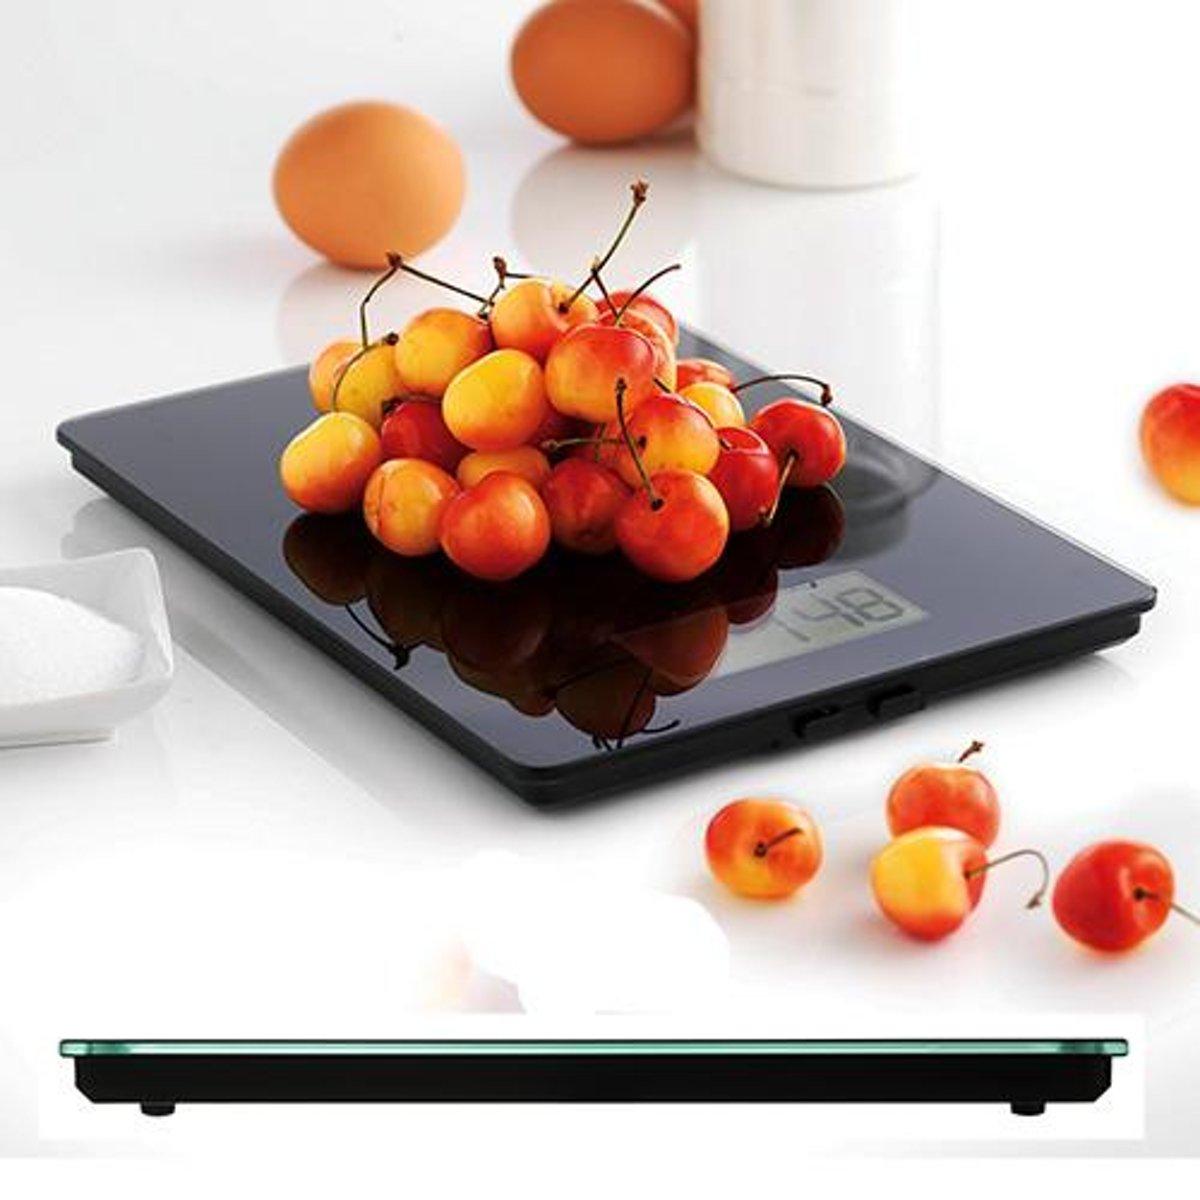 Elektronische keukenweegschaal, zwart - Mastrad